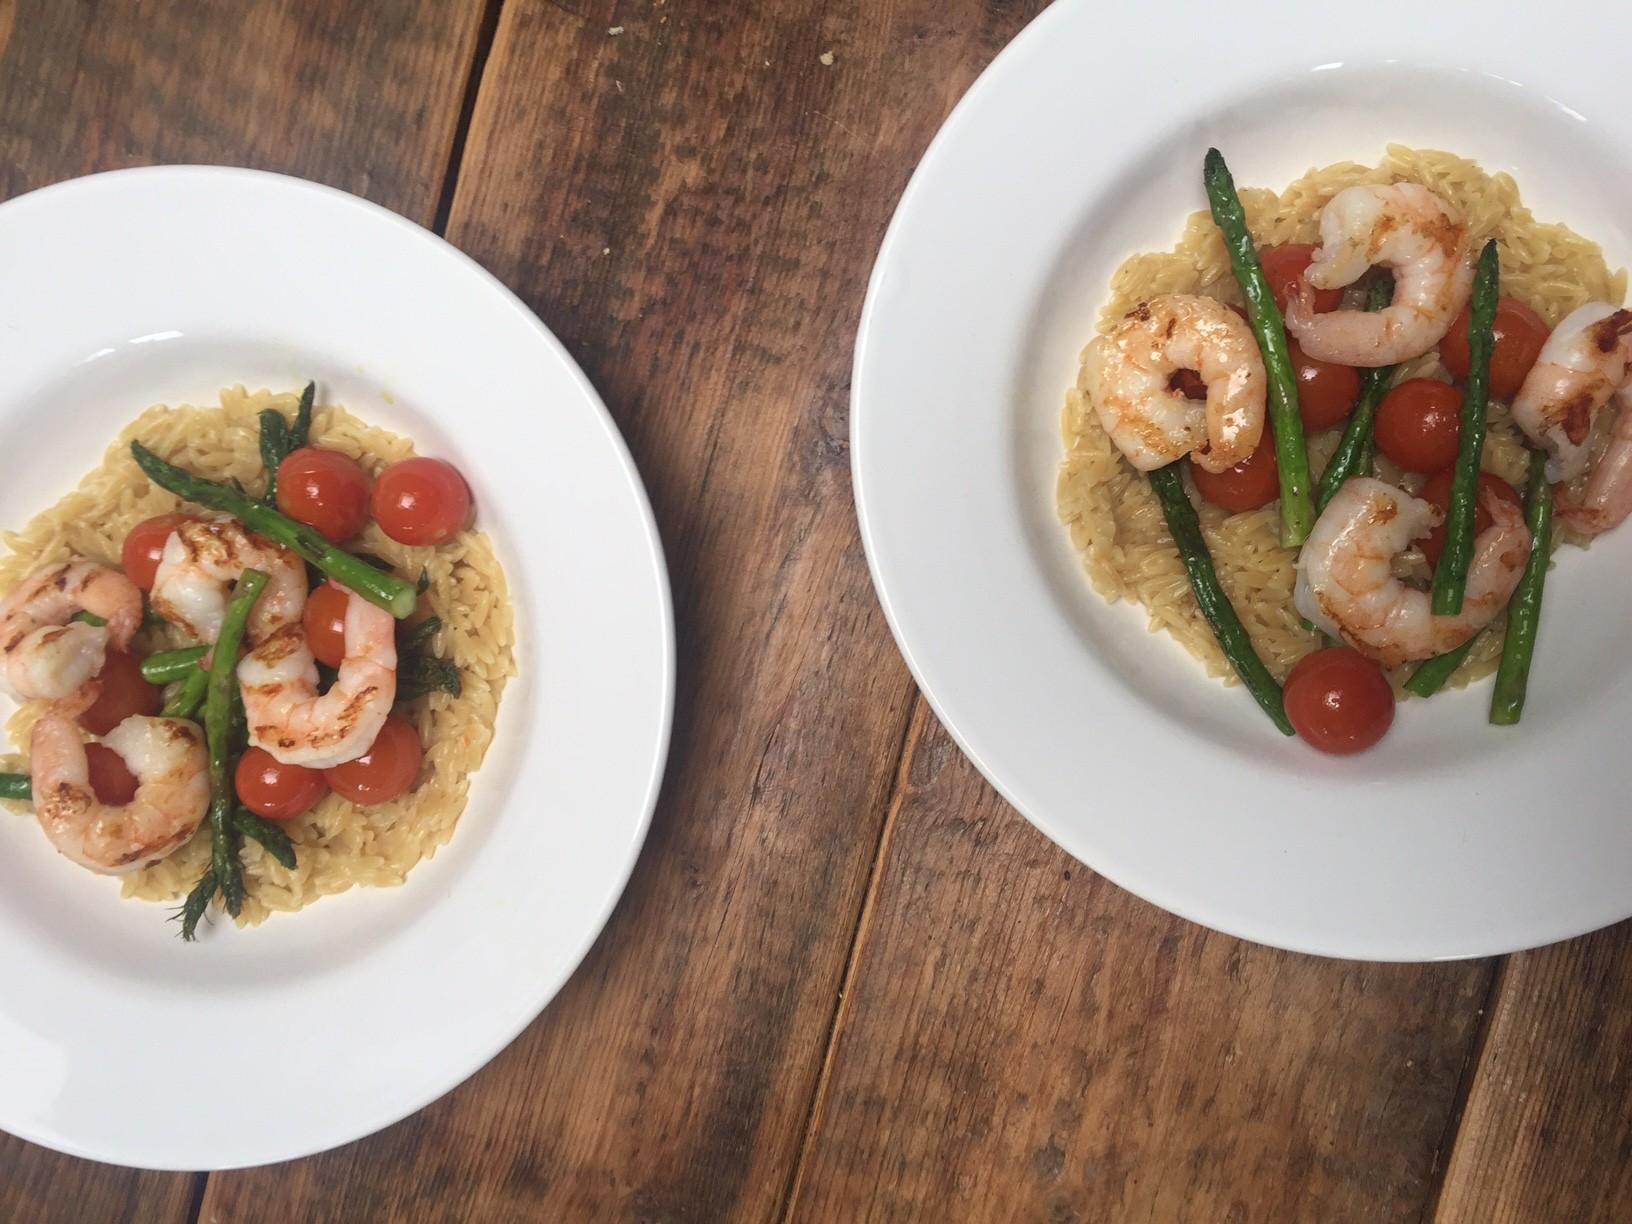 Orzotto met groene asperges en scampi recept van foodblog Foodinista